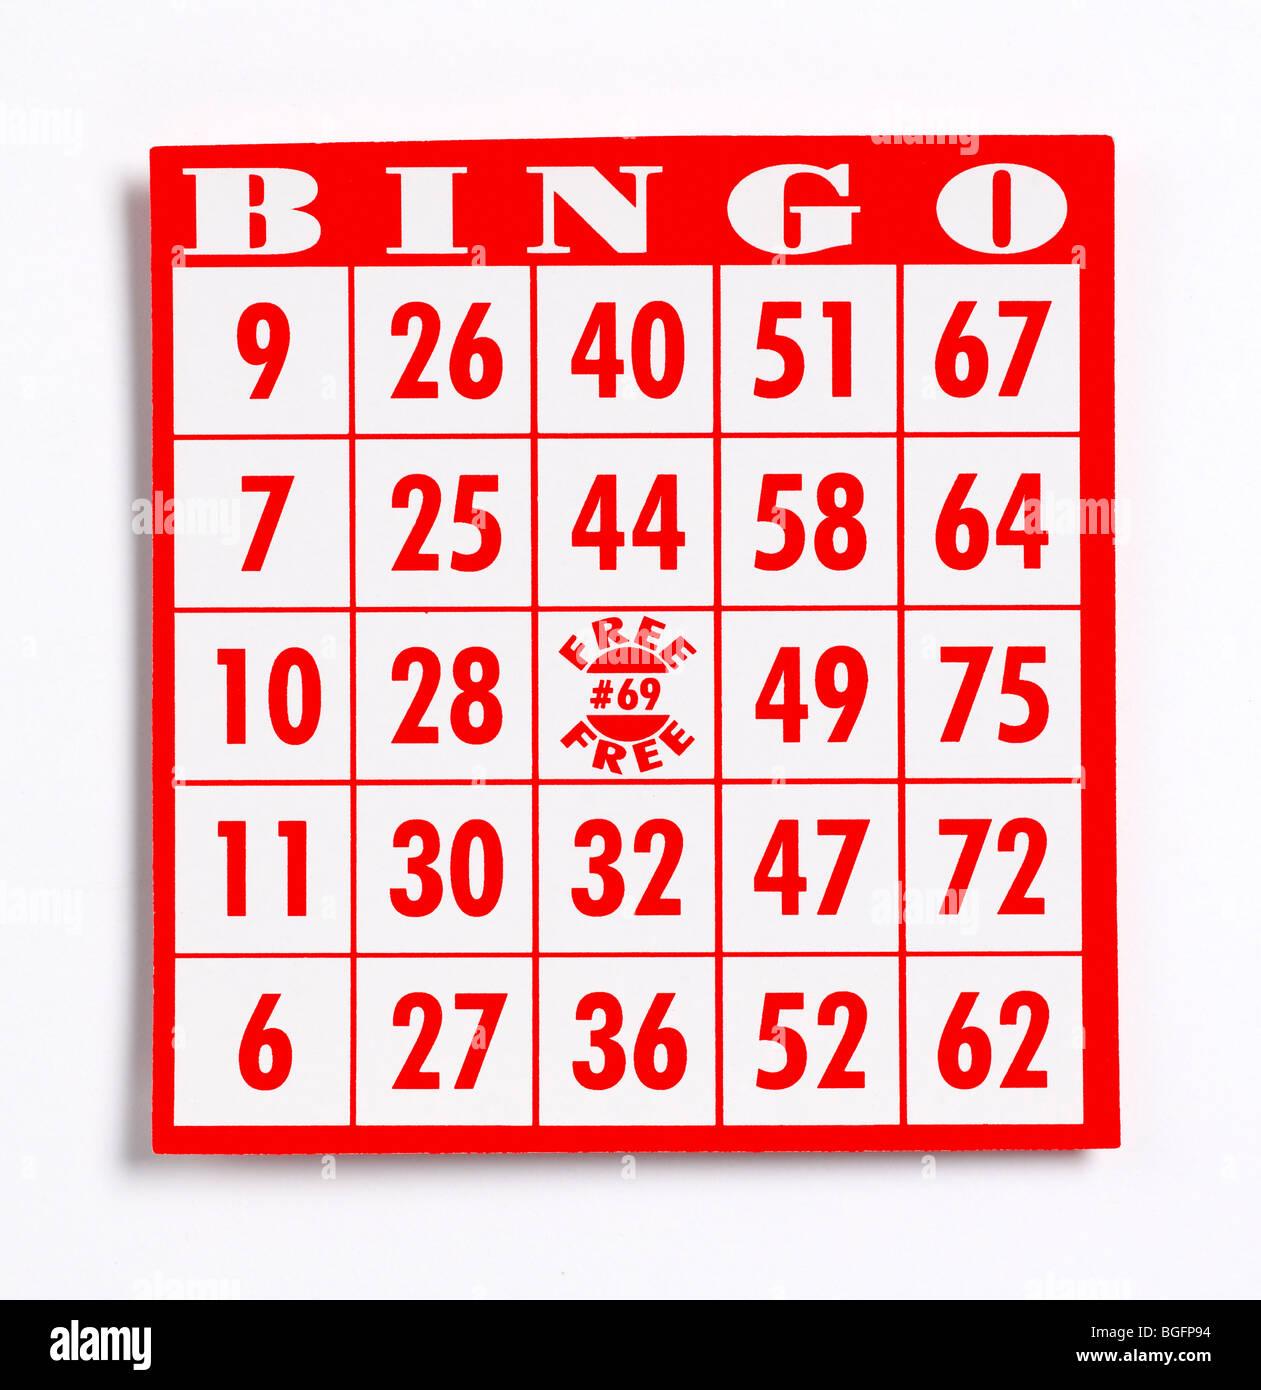 Bingo-Spielkarte Stockbild